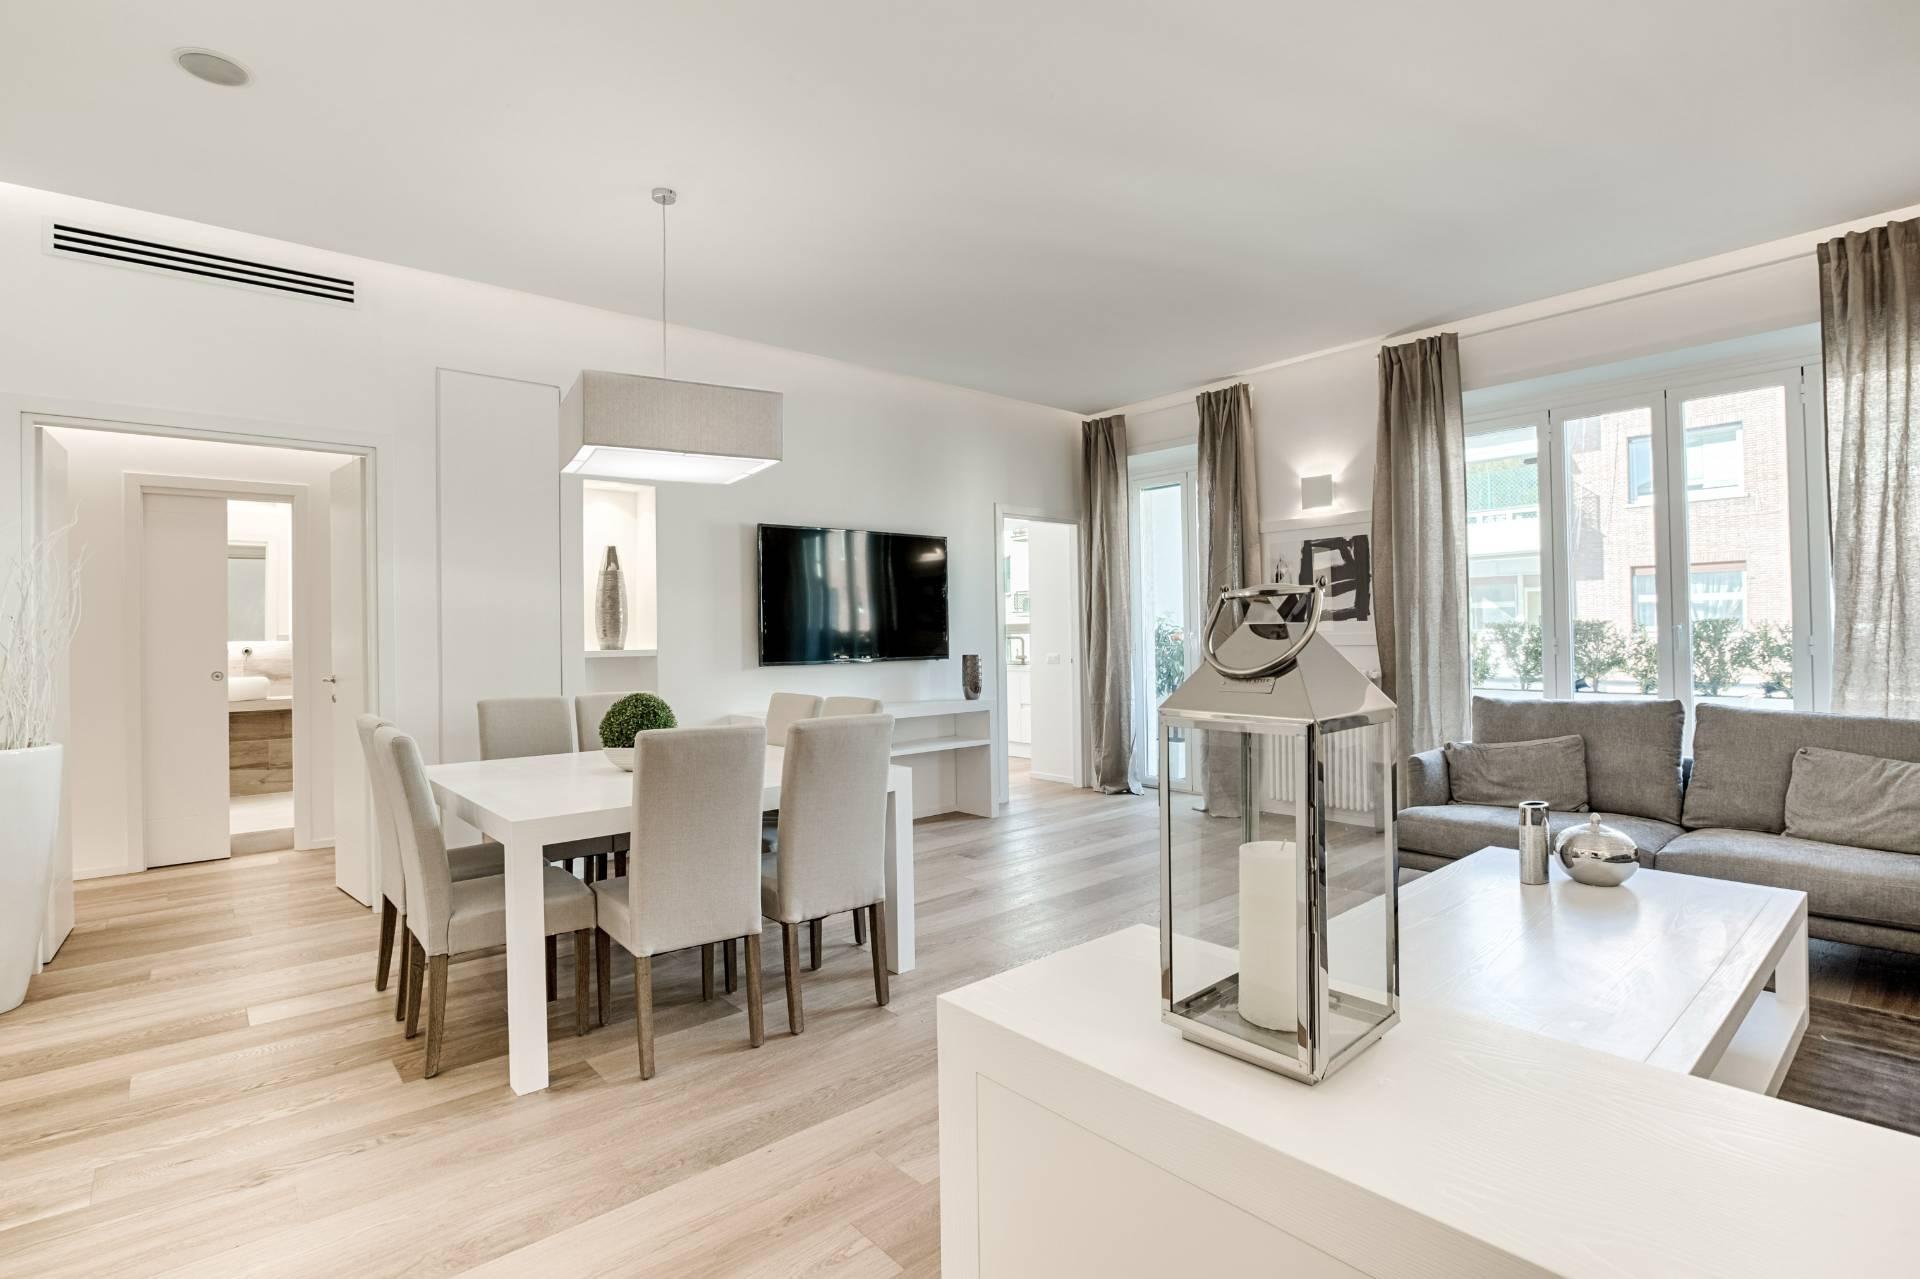 Cbi072 ex848 appartamento in vendita a roma parioli for Appartamento new design roma lorenz